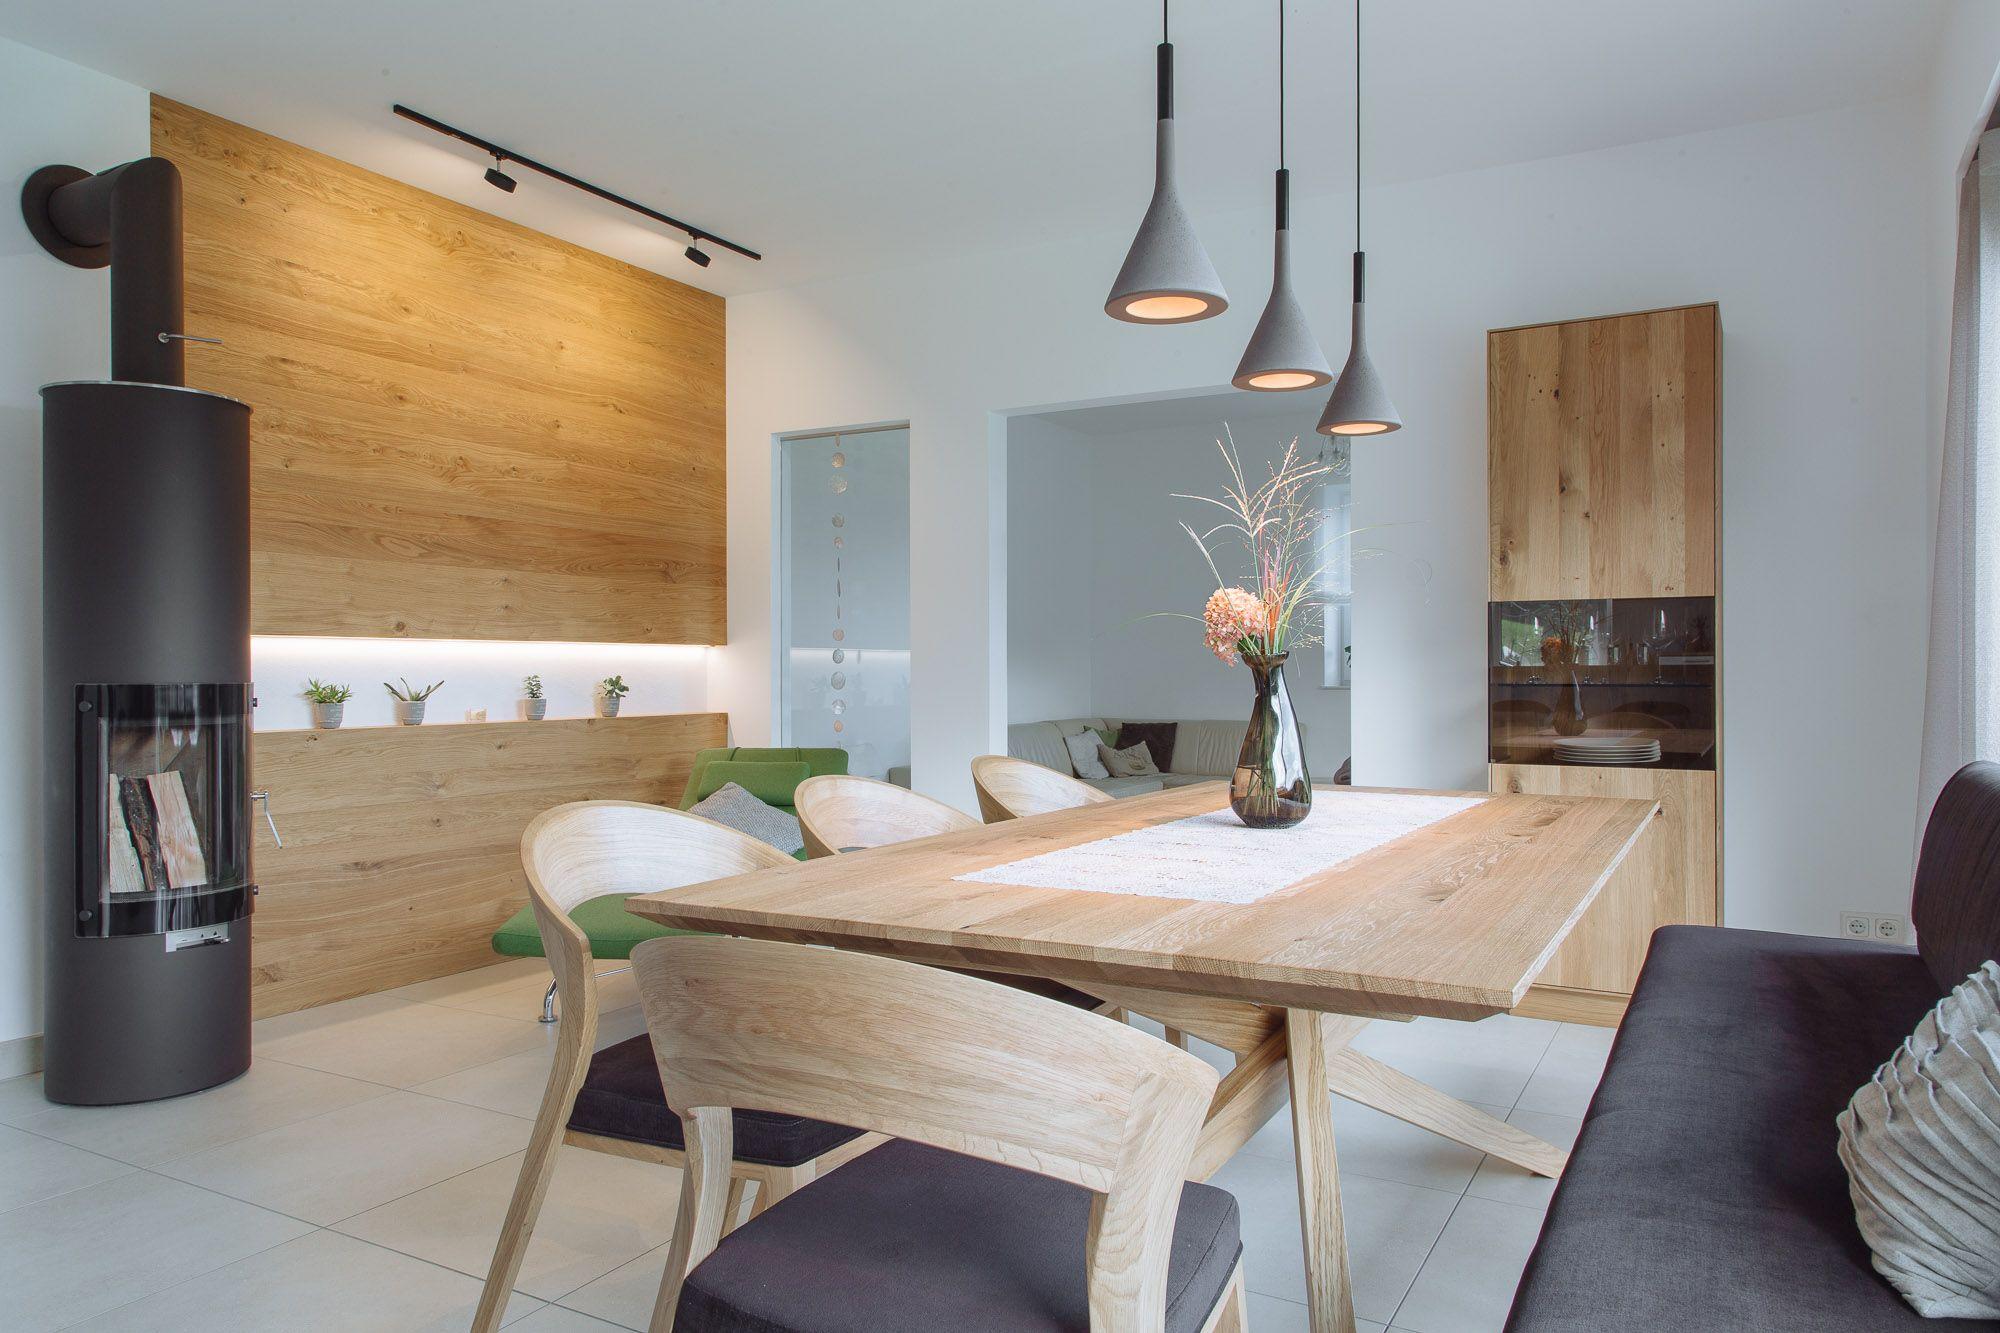 Pin Von Kassandra Klein Auf Essbereich In 2020 Offene Kuche Und Wohnzimmer Wohnen Innenausstattung